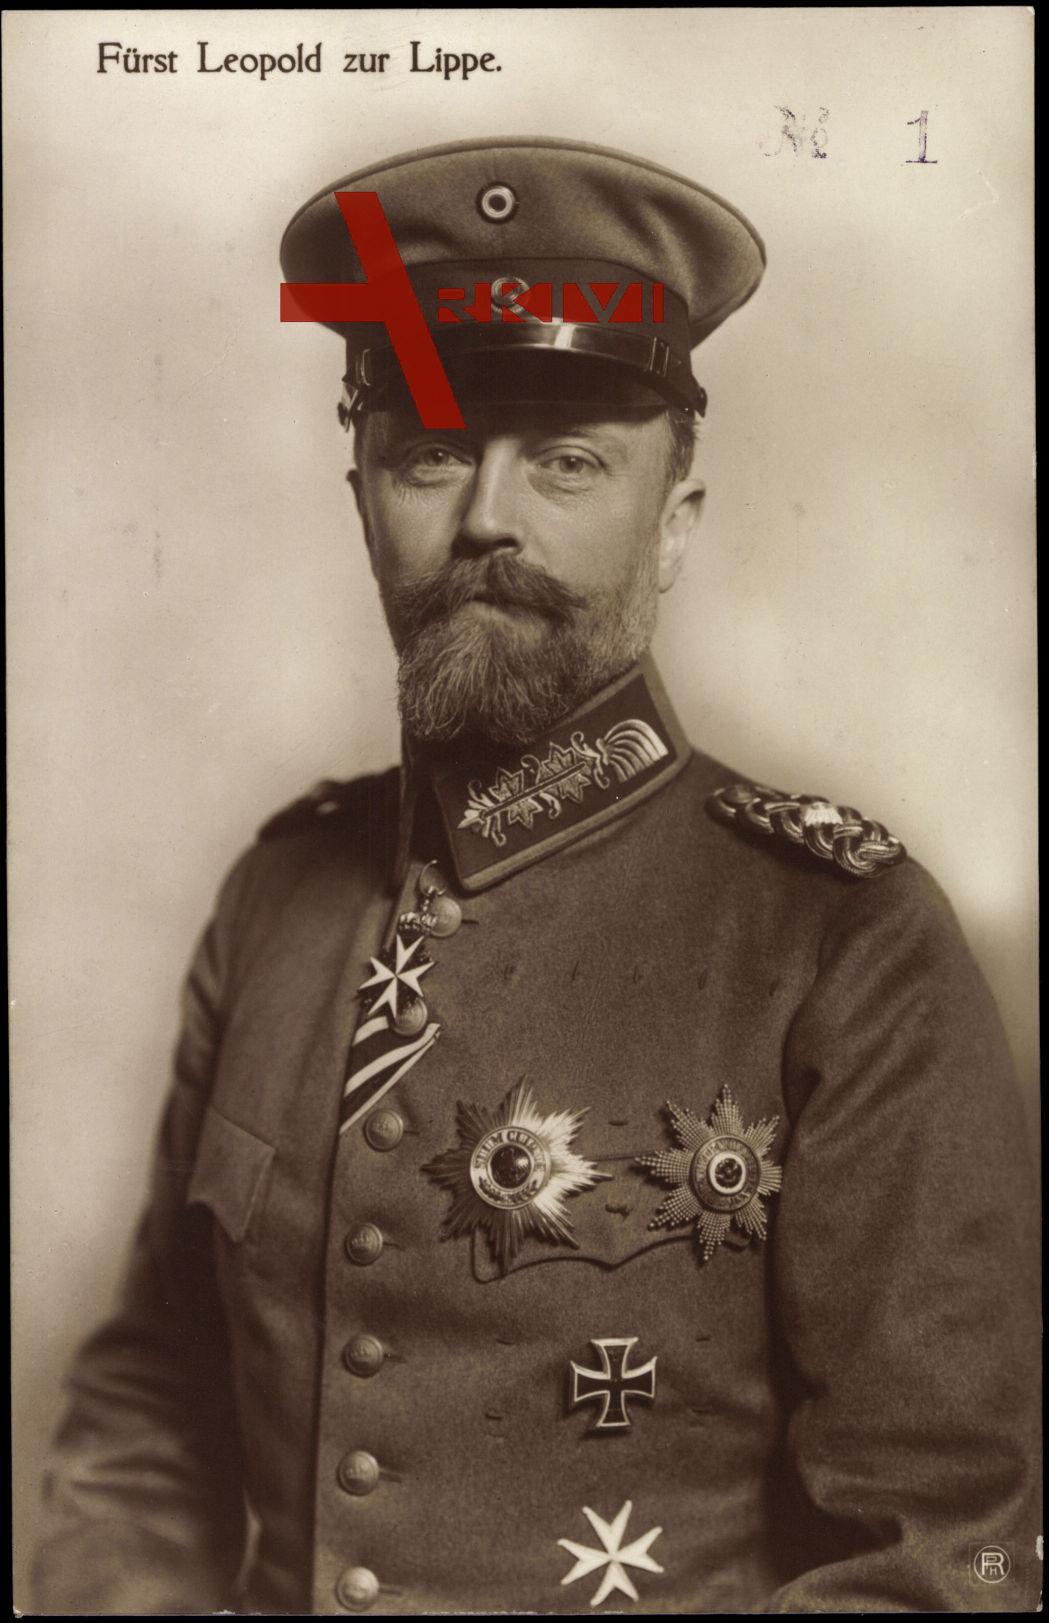 Fürst Leopold zur Lippe, Portrait, Uniform, Schirmmütze